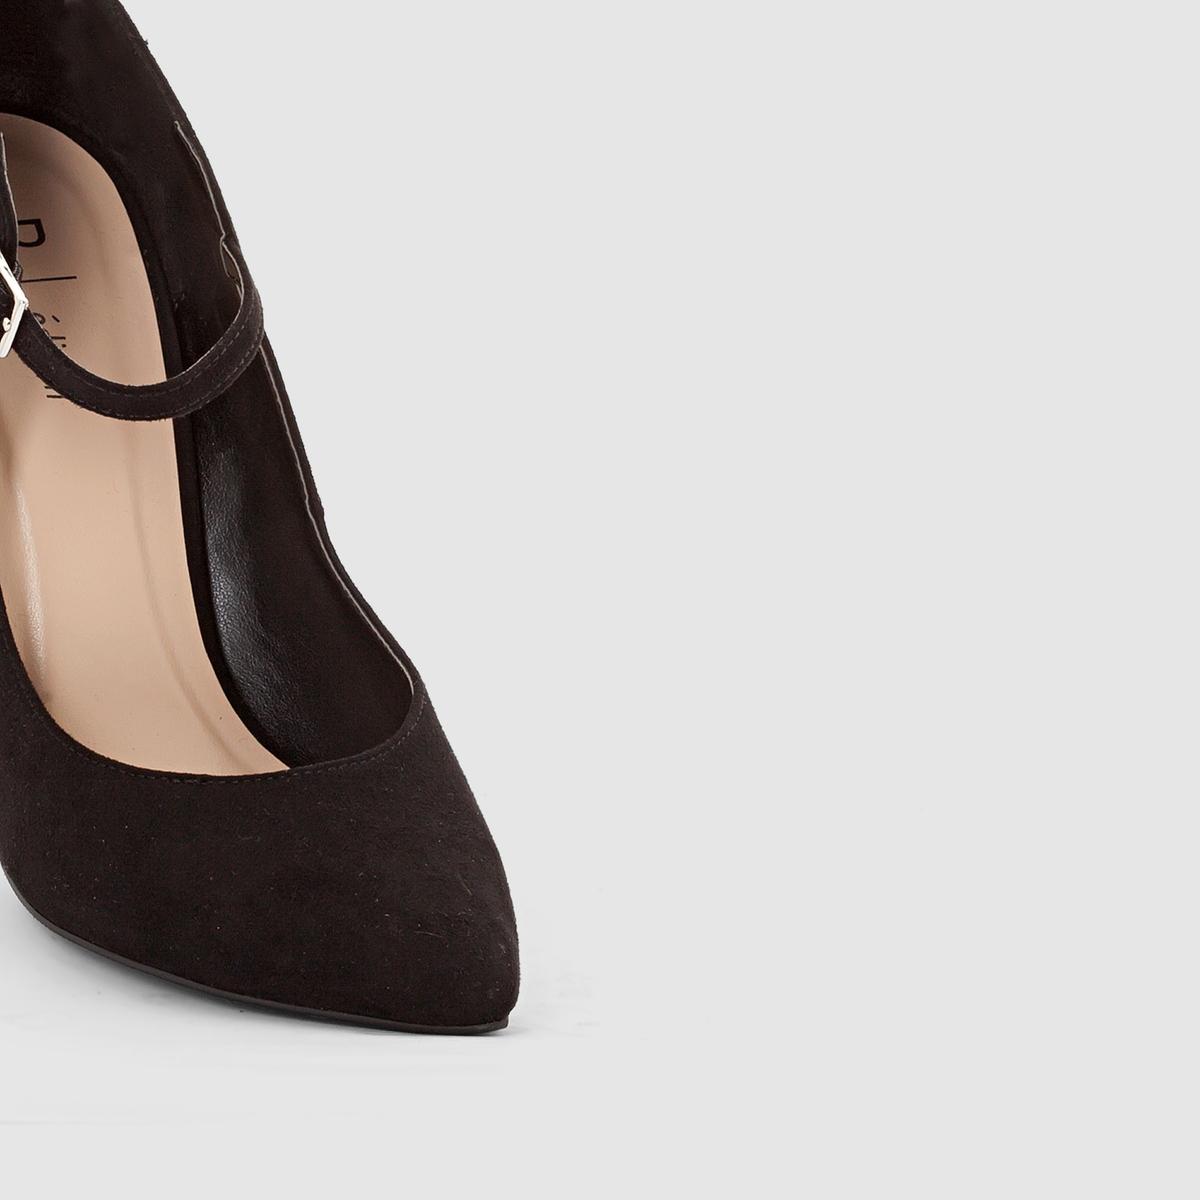 Туфли из искусственной замши с пряжкойМарка :  R ?ditionВерх : искусственная замшаПодкладка : синтетикаСтелька : синтетикаПодошва : из эластомераВысота каблука : 11,5 см Форма каблука : тонкийНосок : заостренныйПреимущества : женственная форма, отличная высота каблука для сногсшибательного силуэта<br><br>Цвет: черный<br>Размер: 41.39